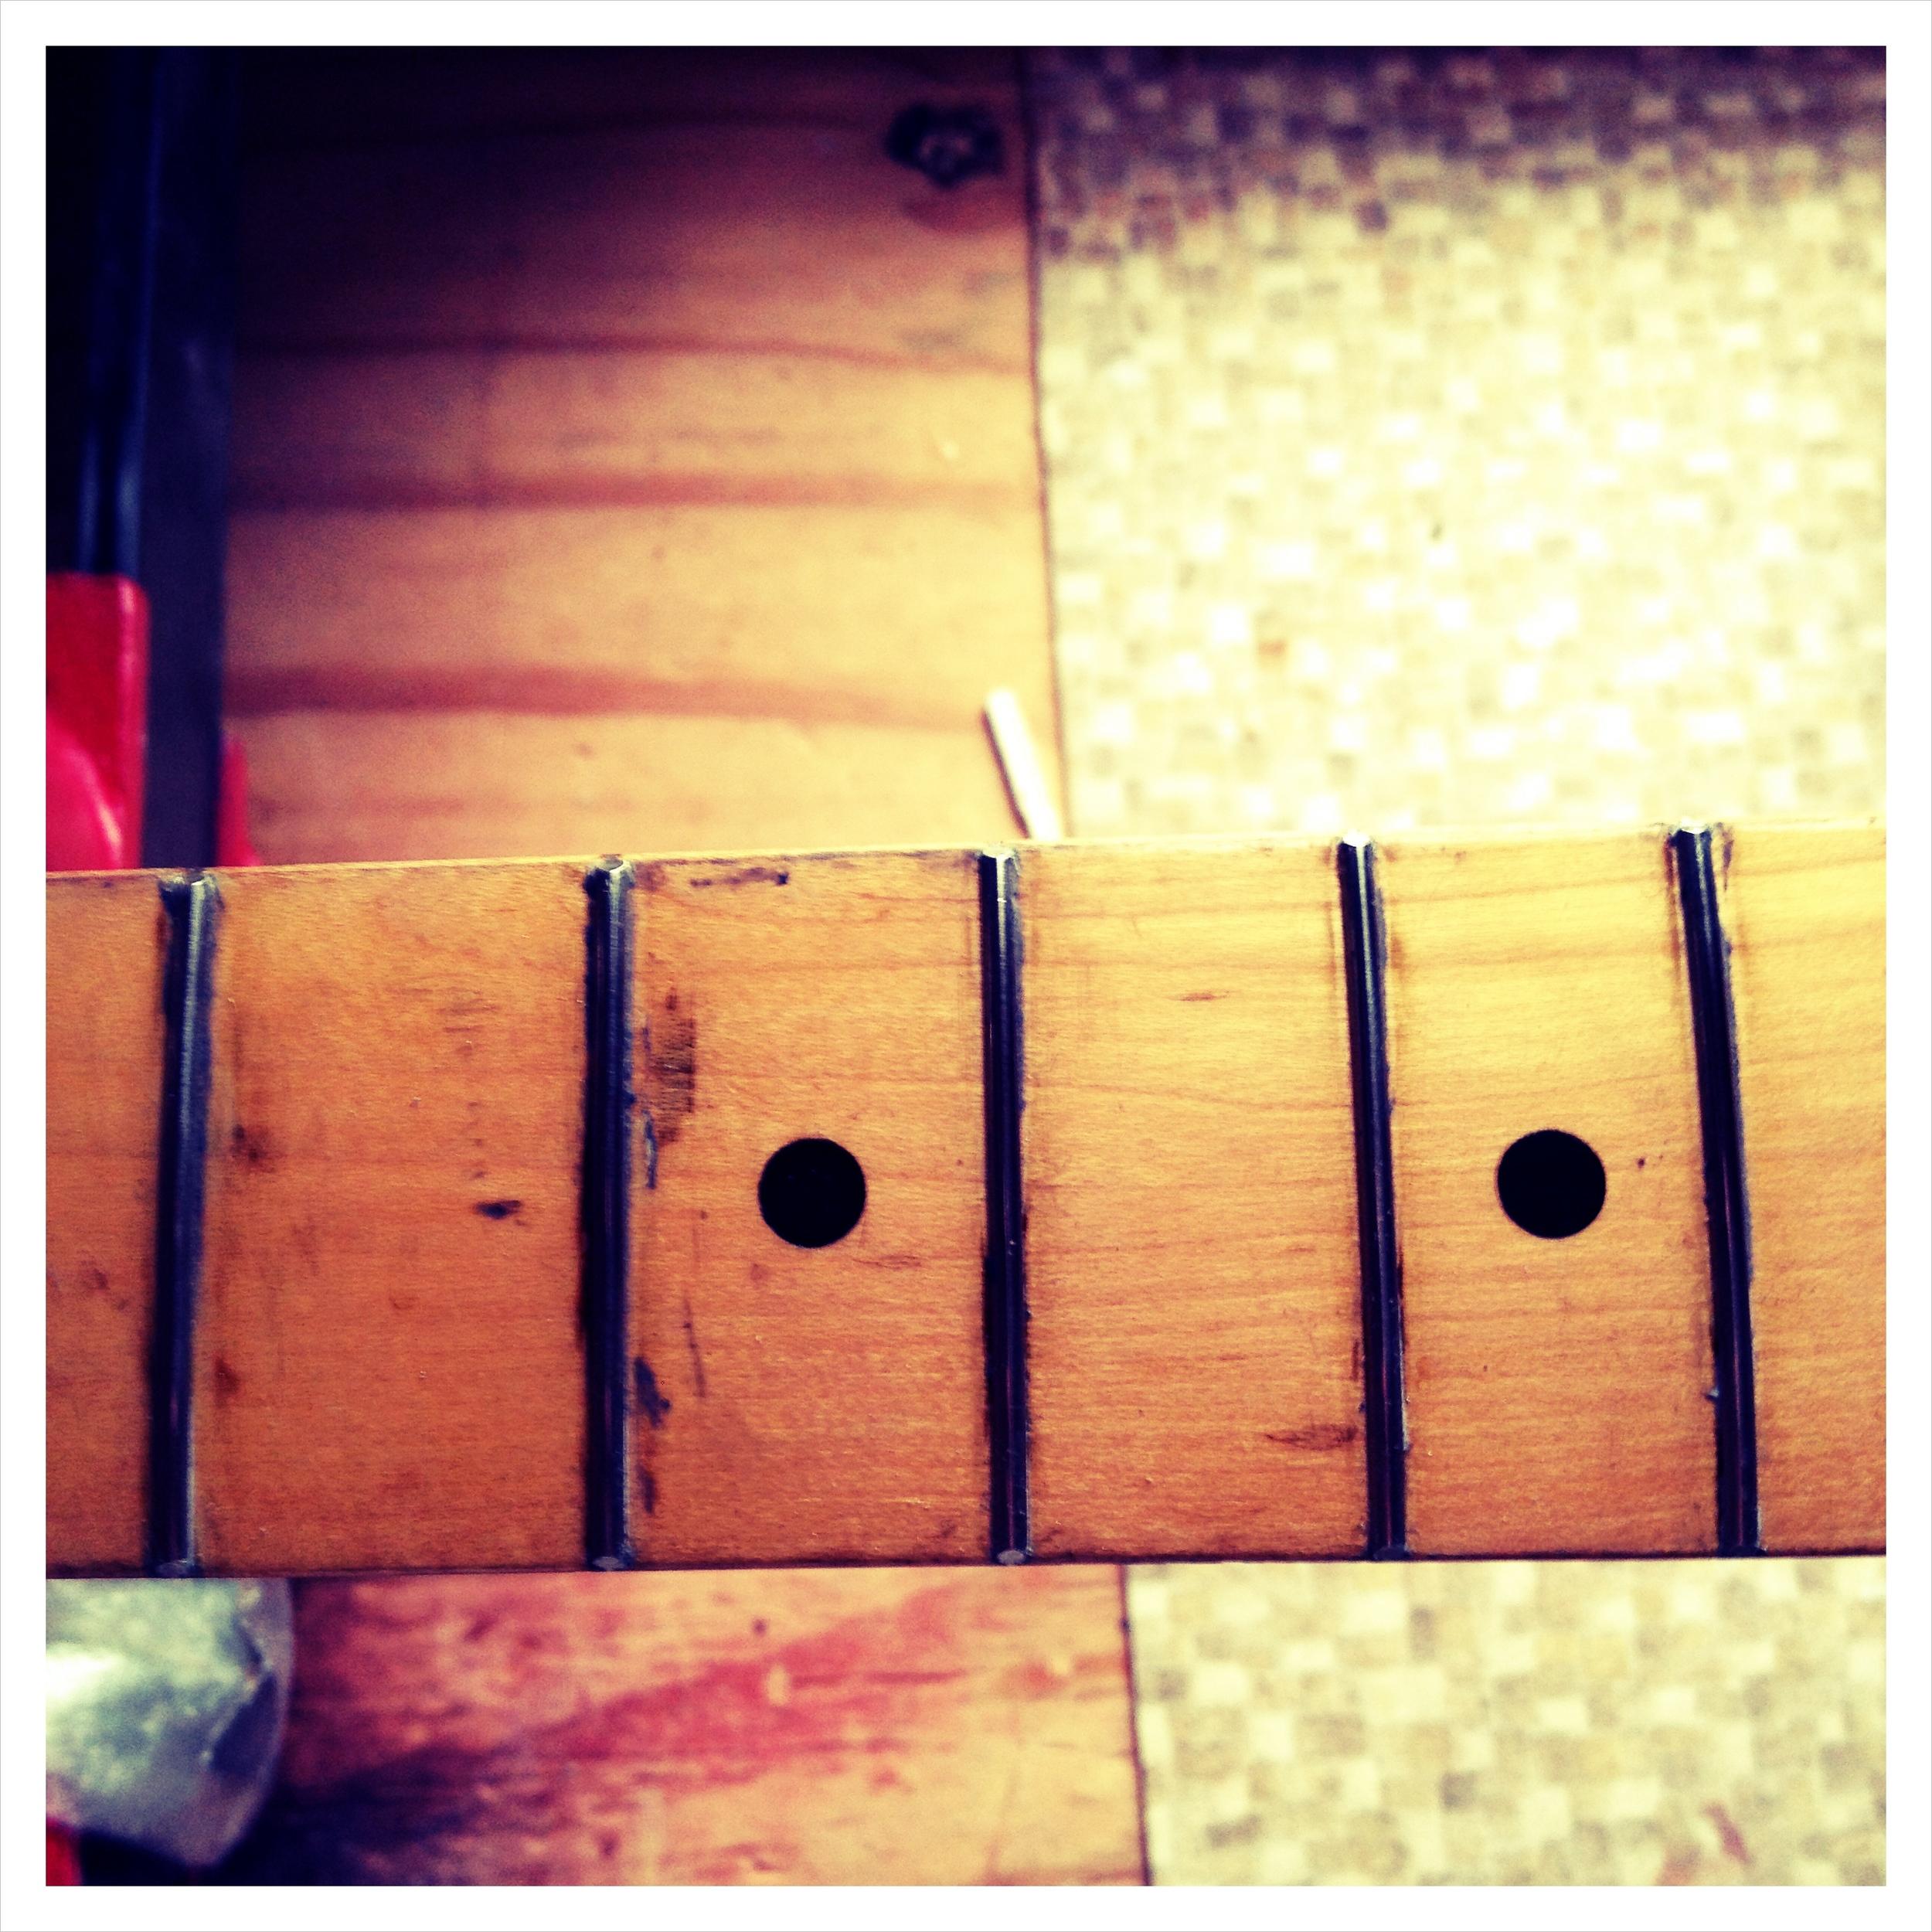 Fender Maple Neck Refret